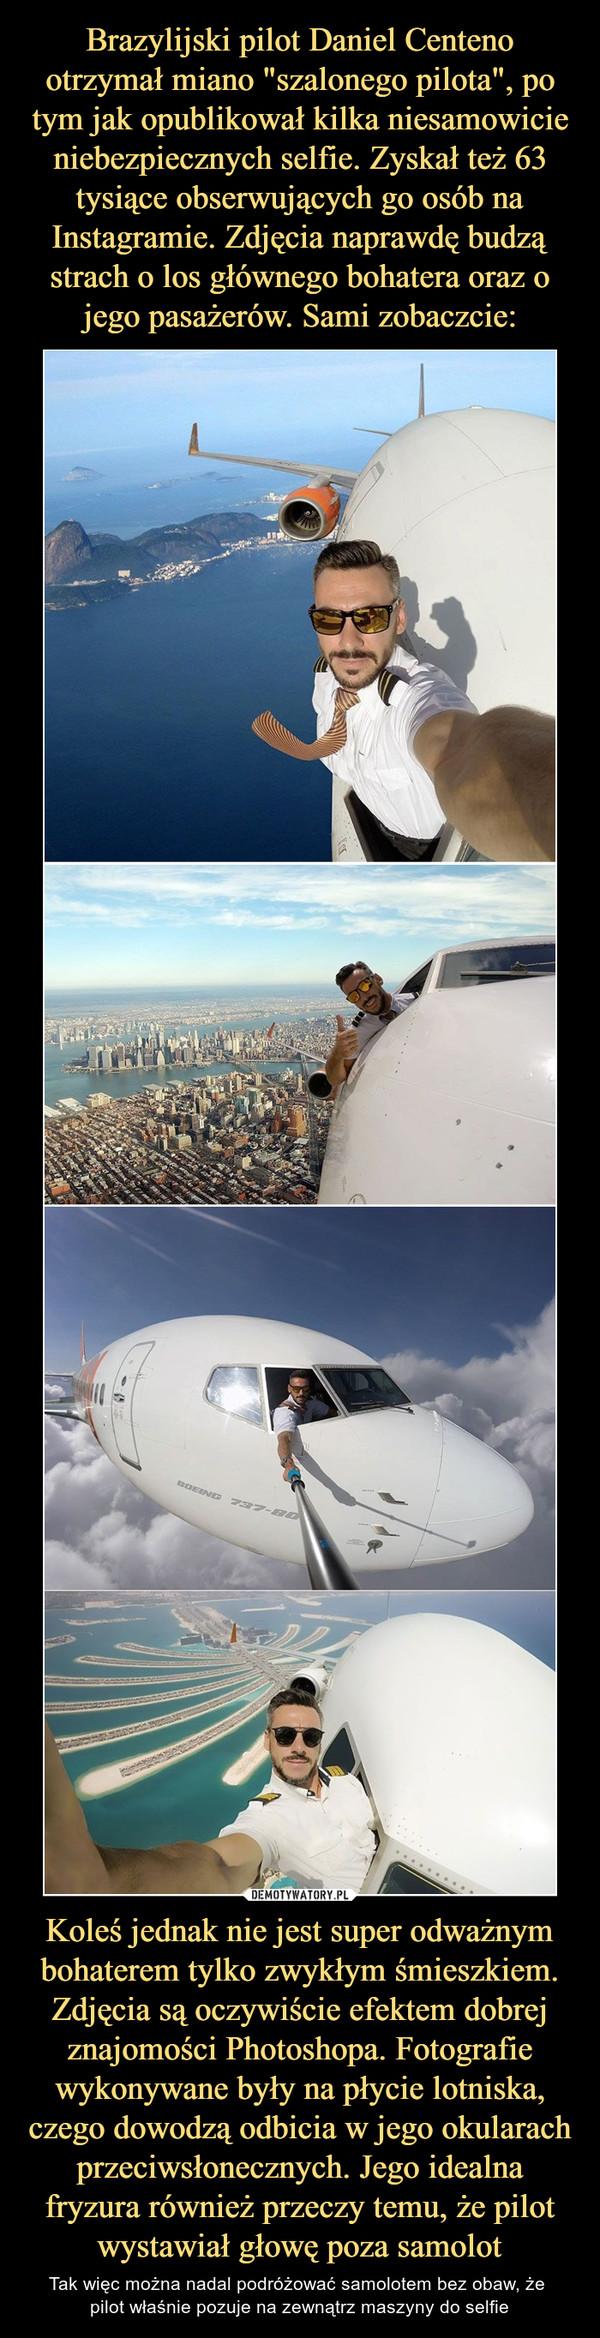 Koleś jednak nie jest super odważnym bohaterem tylko zwykłym śmieszkiem. Zdjęcia są oczywiście efektem dobrej znajomości Photoshopa. Fotografie wykonywane były na płycie lotniska, czego dowodzą odbicia w jego okularach przeciwsłonecznych. Jego idealna fryzura również przeczy temu, że pilot wystawiał głowę poza samolot – Tak więc można nadal podróżować samolotem bez obaw, że pilot właśnie pozuje na zewnątrz maszyny do selfie